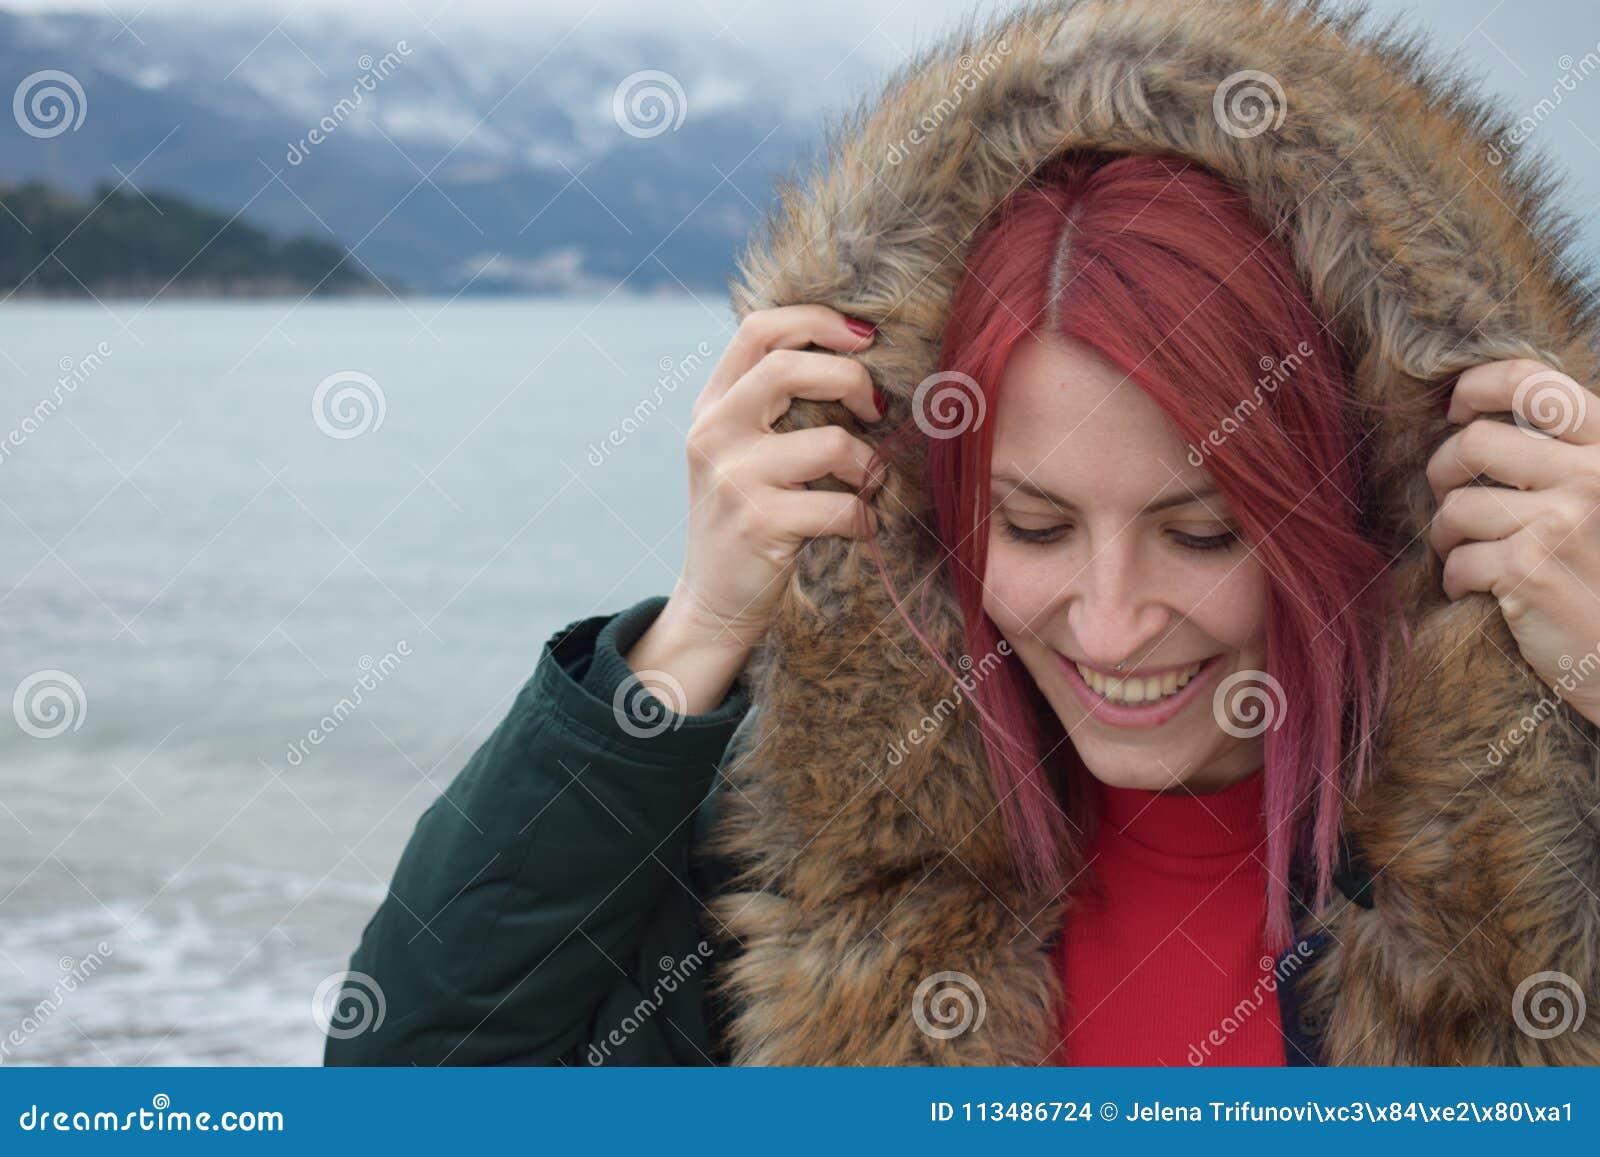 Trauen Sie sich, rosa Haar zu haben!